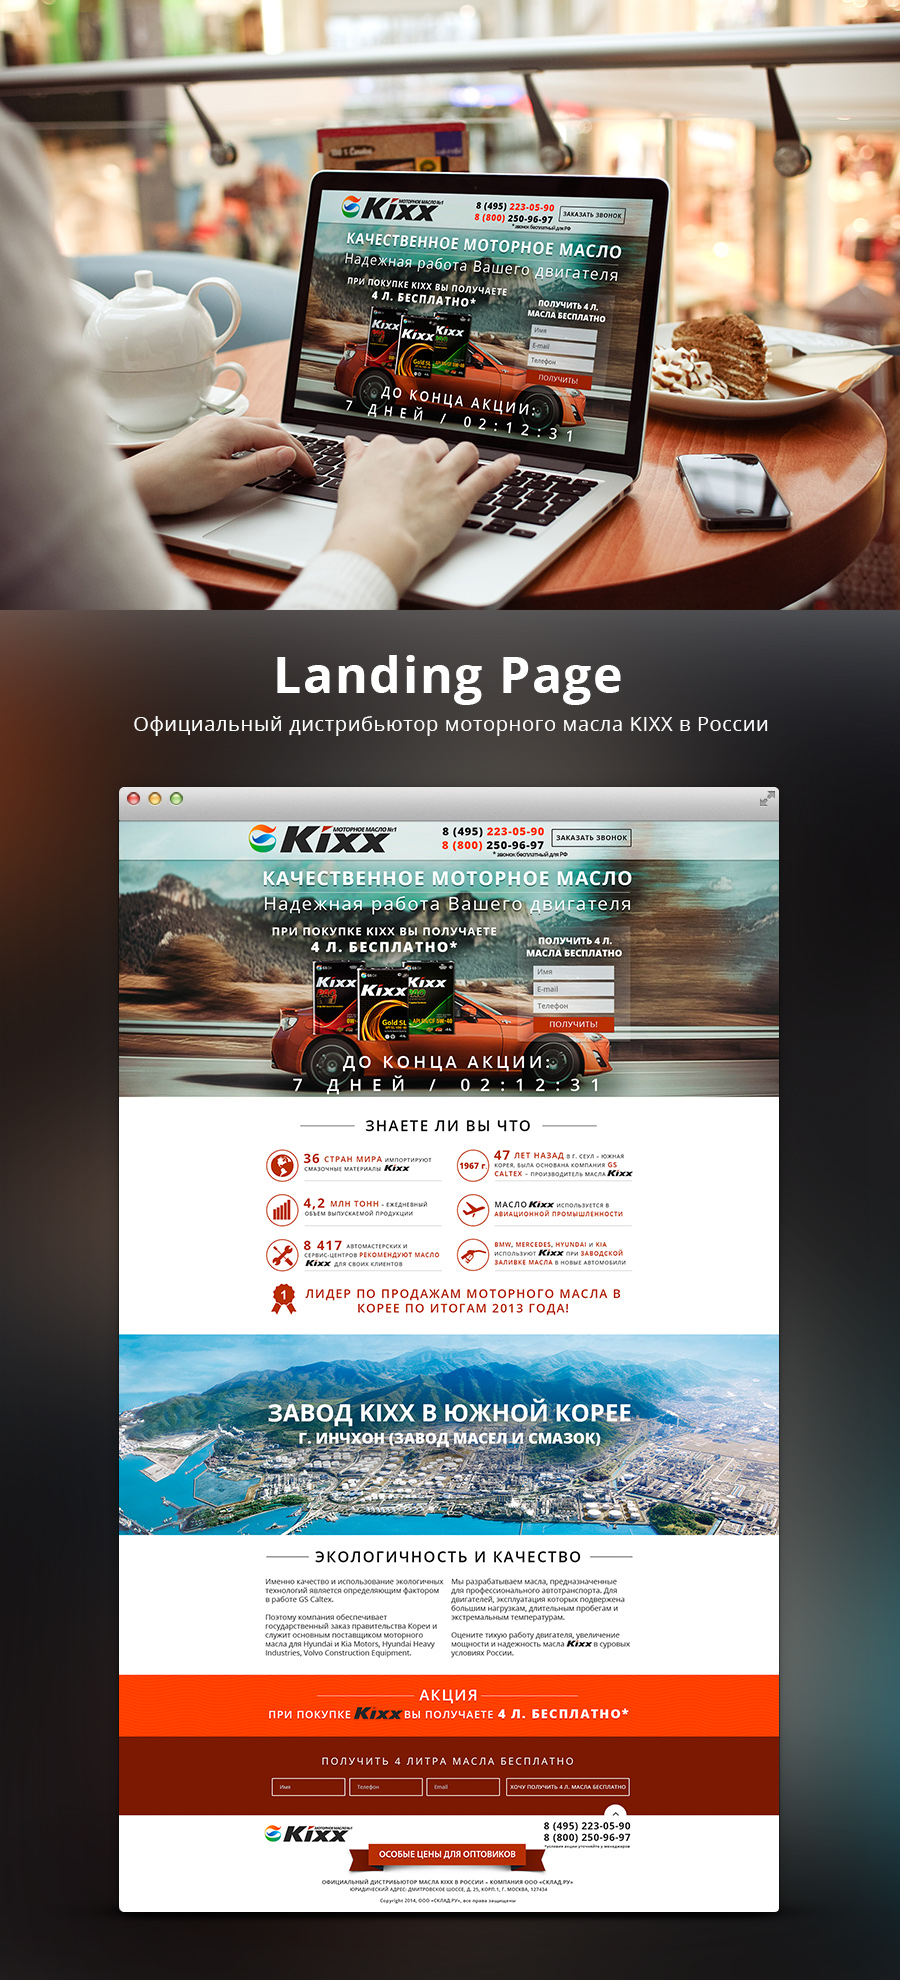 Landing page (4 литра бесплатно) – Официальный дистрибьютор моторного масла KIXX в России